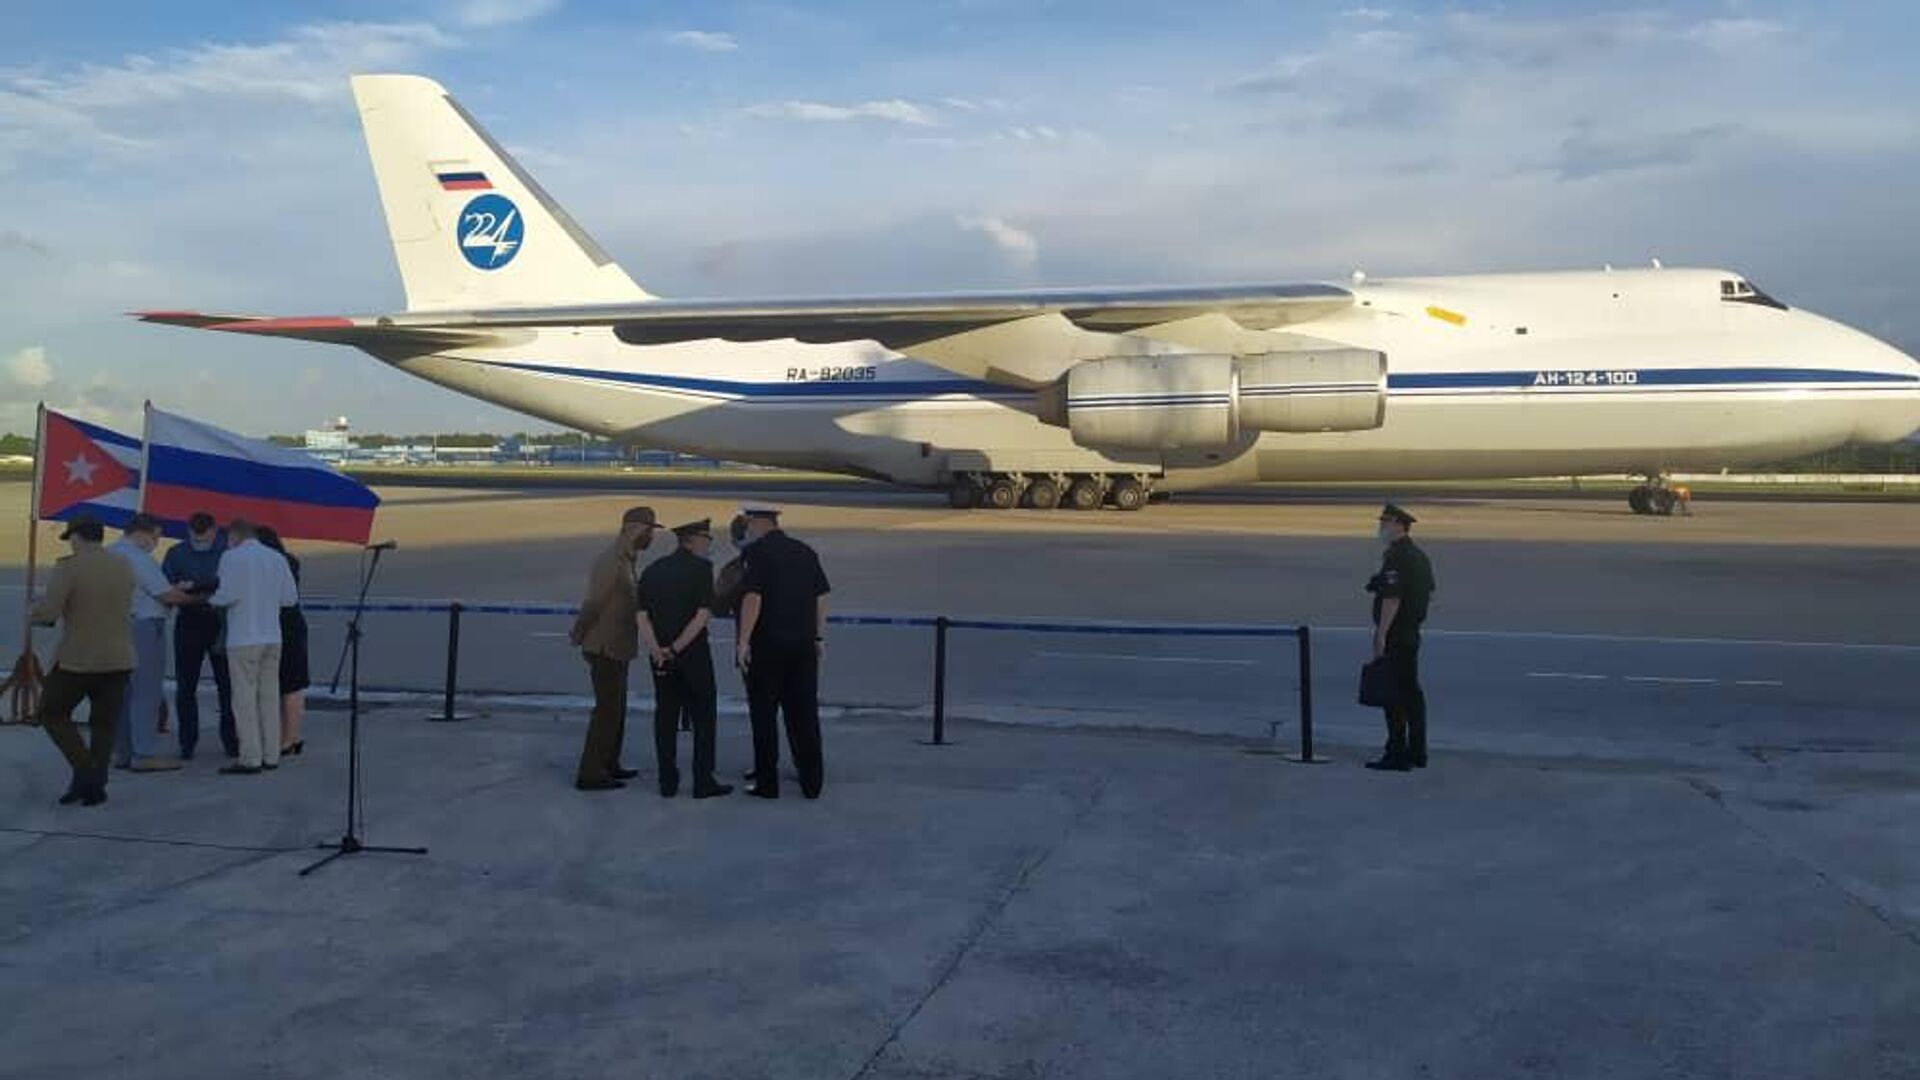 Avión ruso llega a Cuba con más de 40 toneladas de ayuda humanitaria - Sputnik Mundo, 1920, 13.08.2021